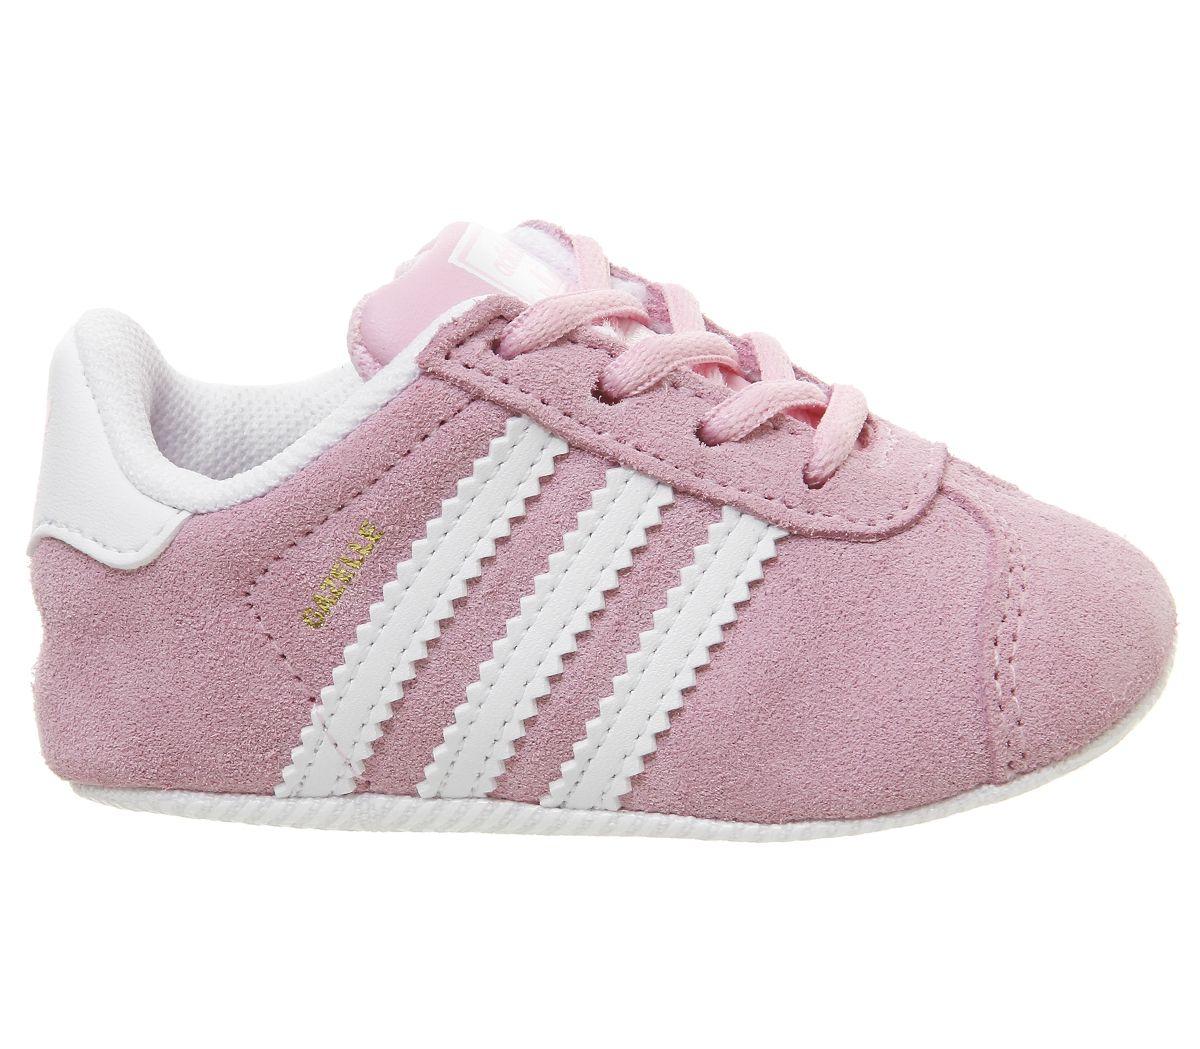 official photos 78a6a b28a2 SENTINEL Bambini Adidas Gazelle presepe formatori vero bambini rosa